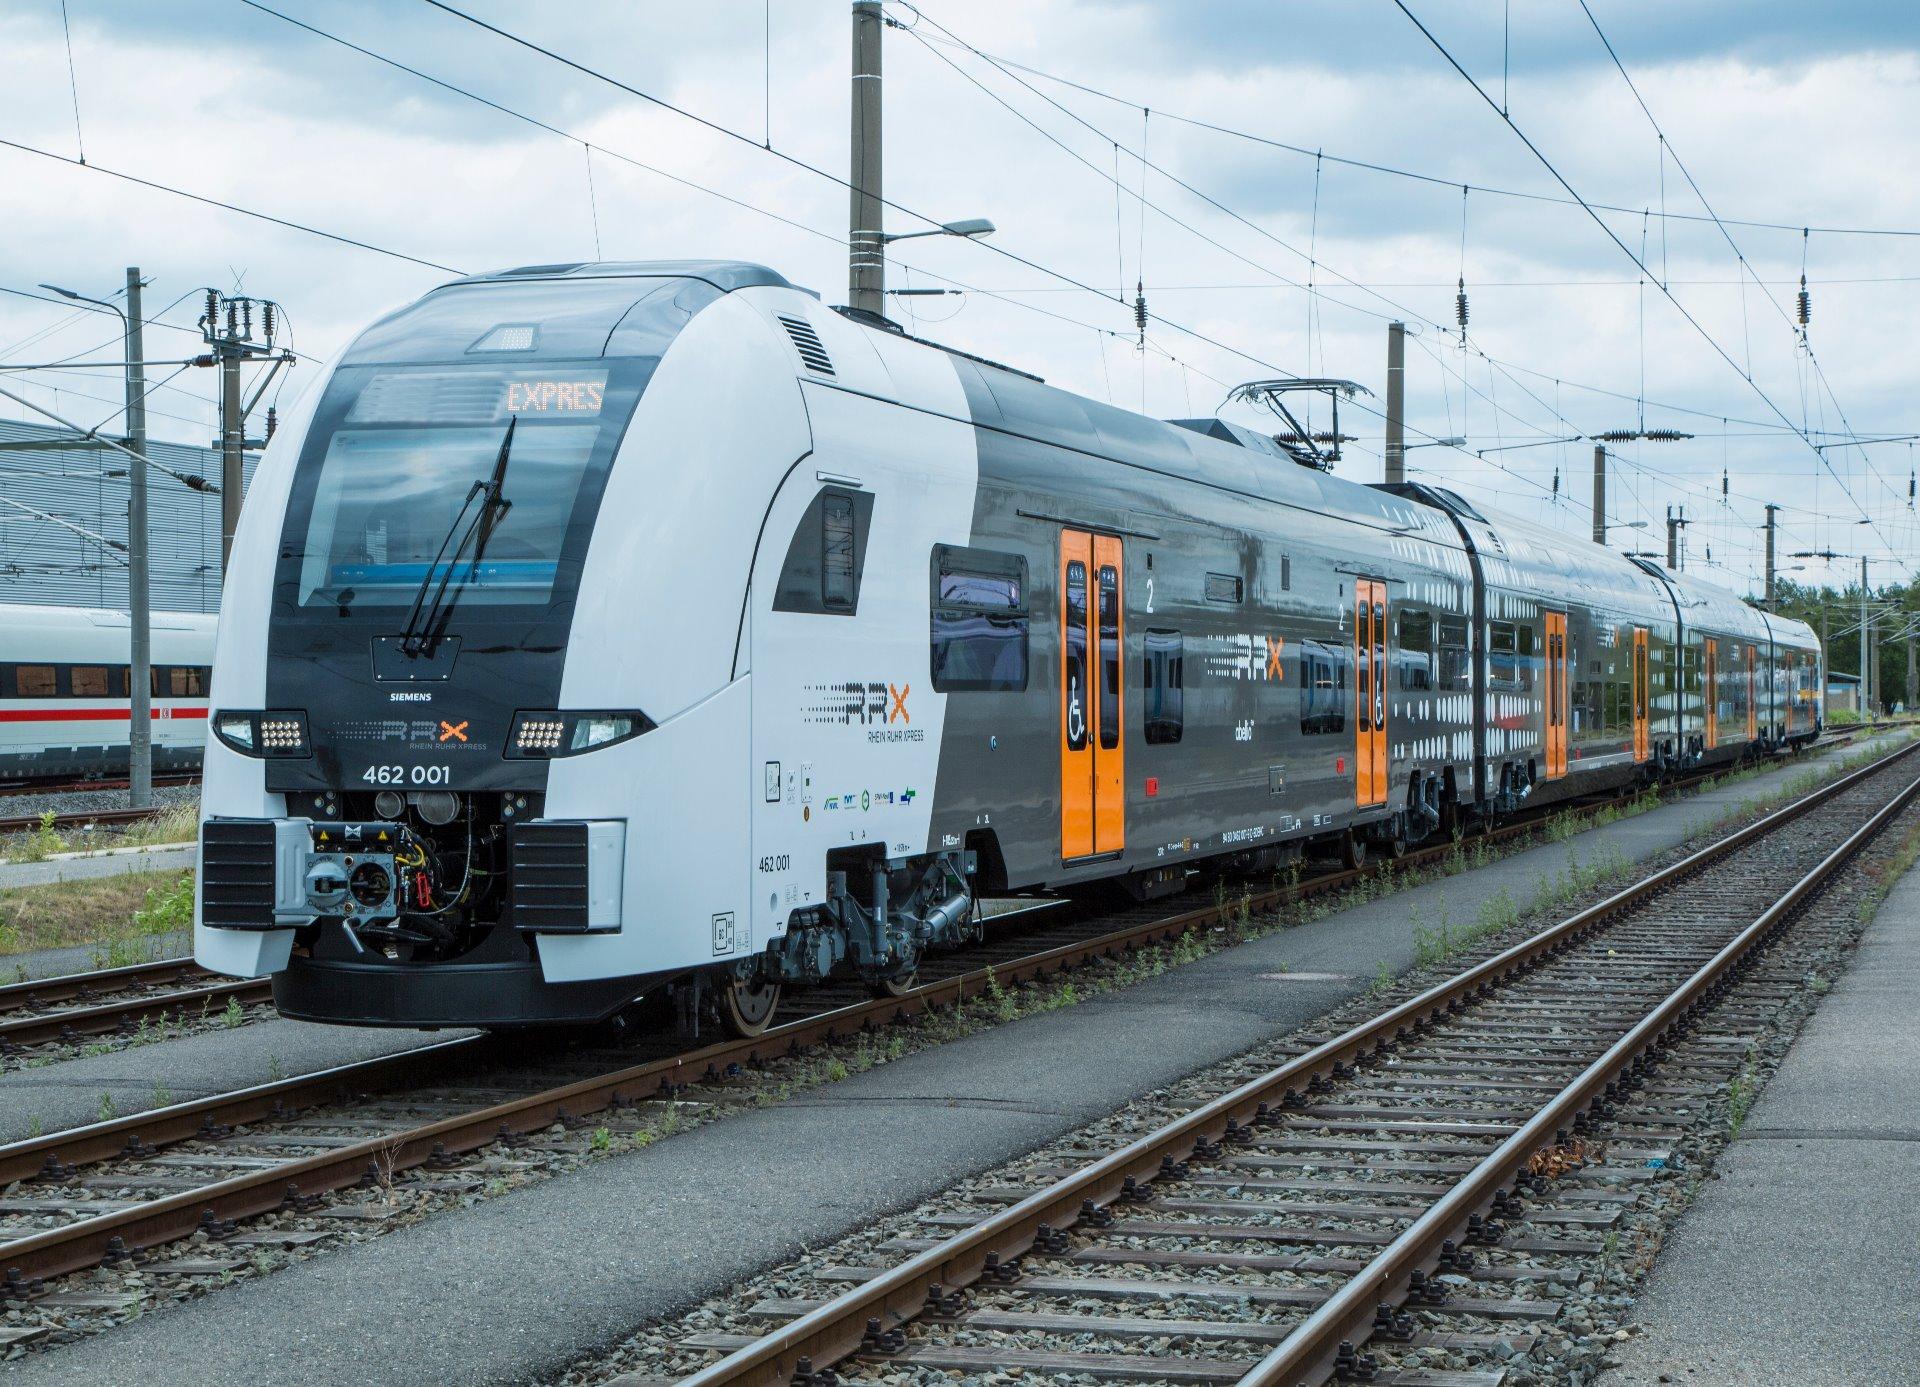 Zum Bahnfahrplanwechsel Am 09 Dezember 2018 Geht Der Rrx An Den